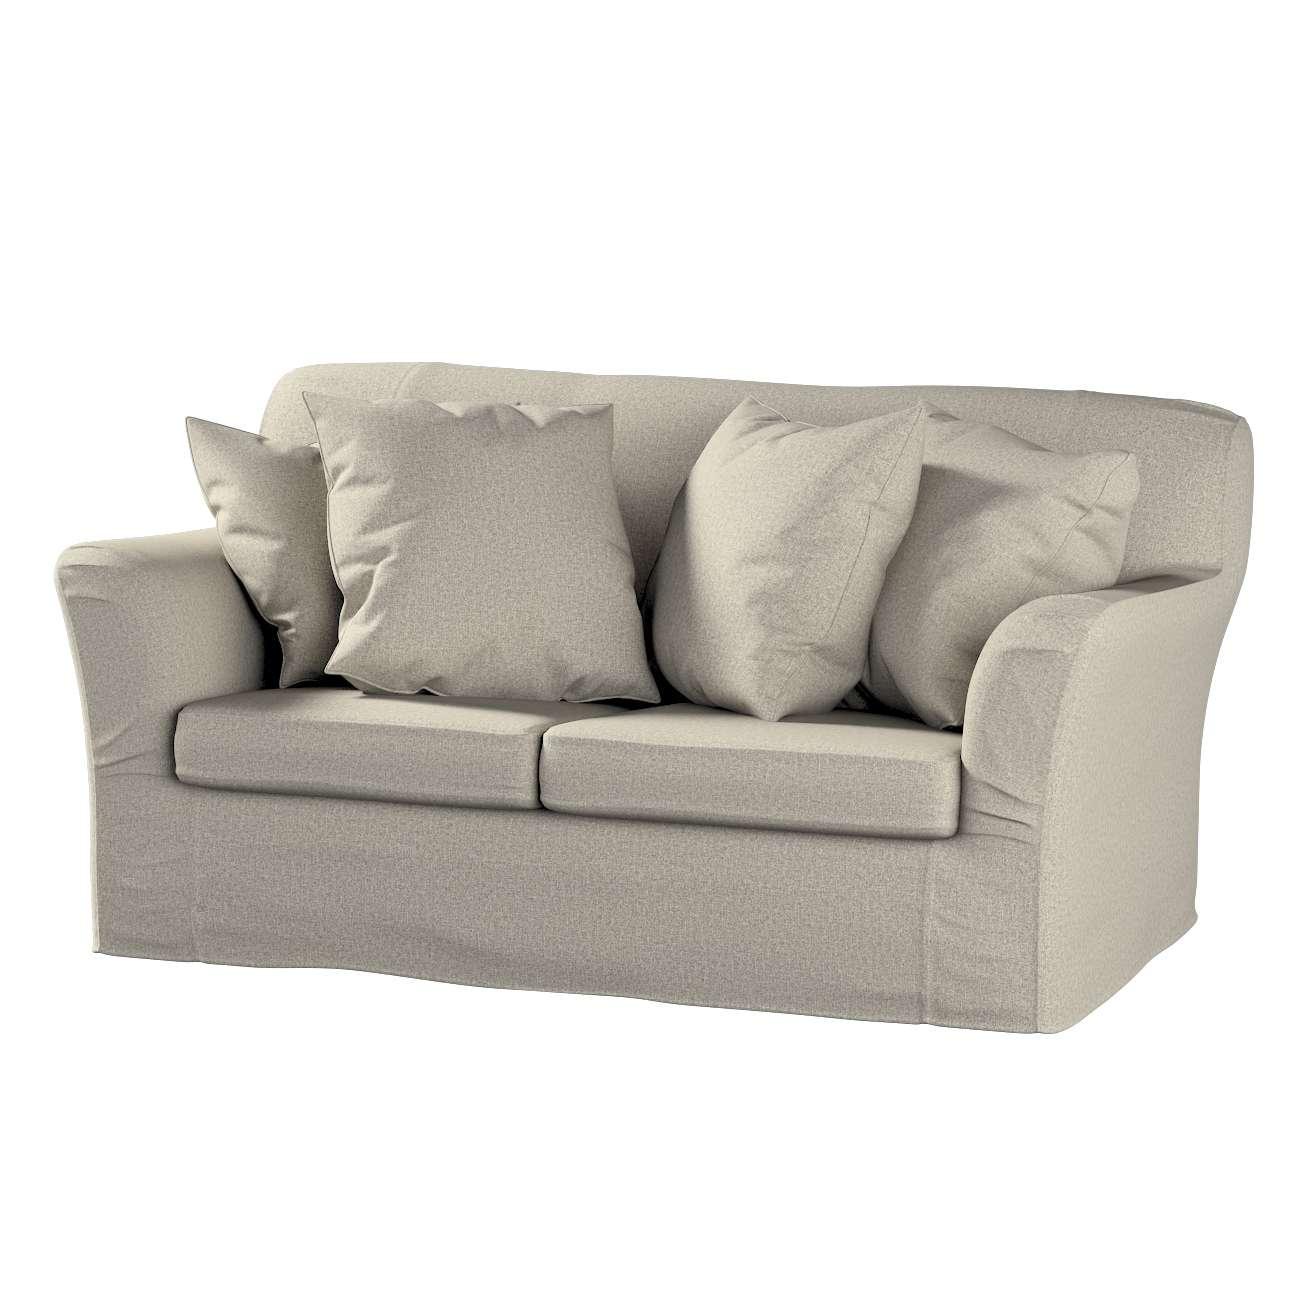 Pokrowiec na sofę Tomelilla 2-osobową nierozkładaną w kolekcji Madrid, tkanina: 161-23